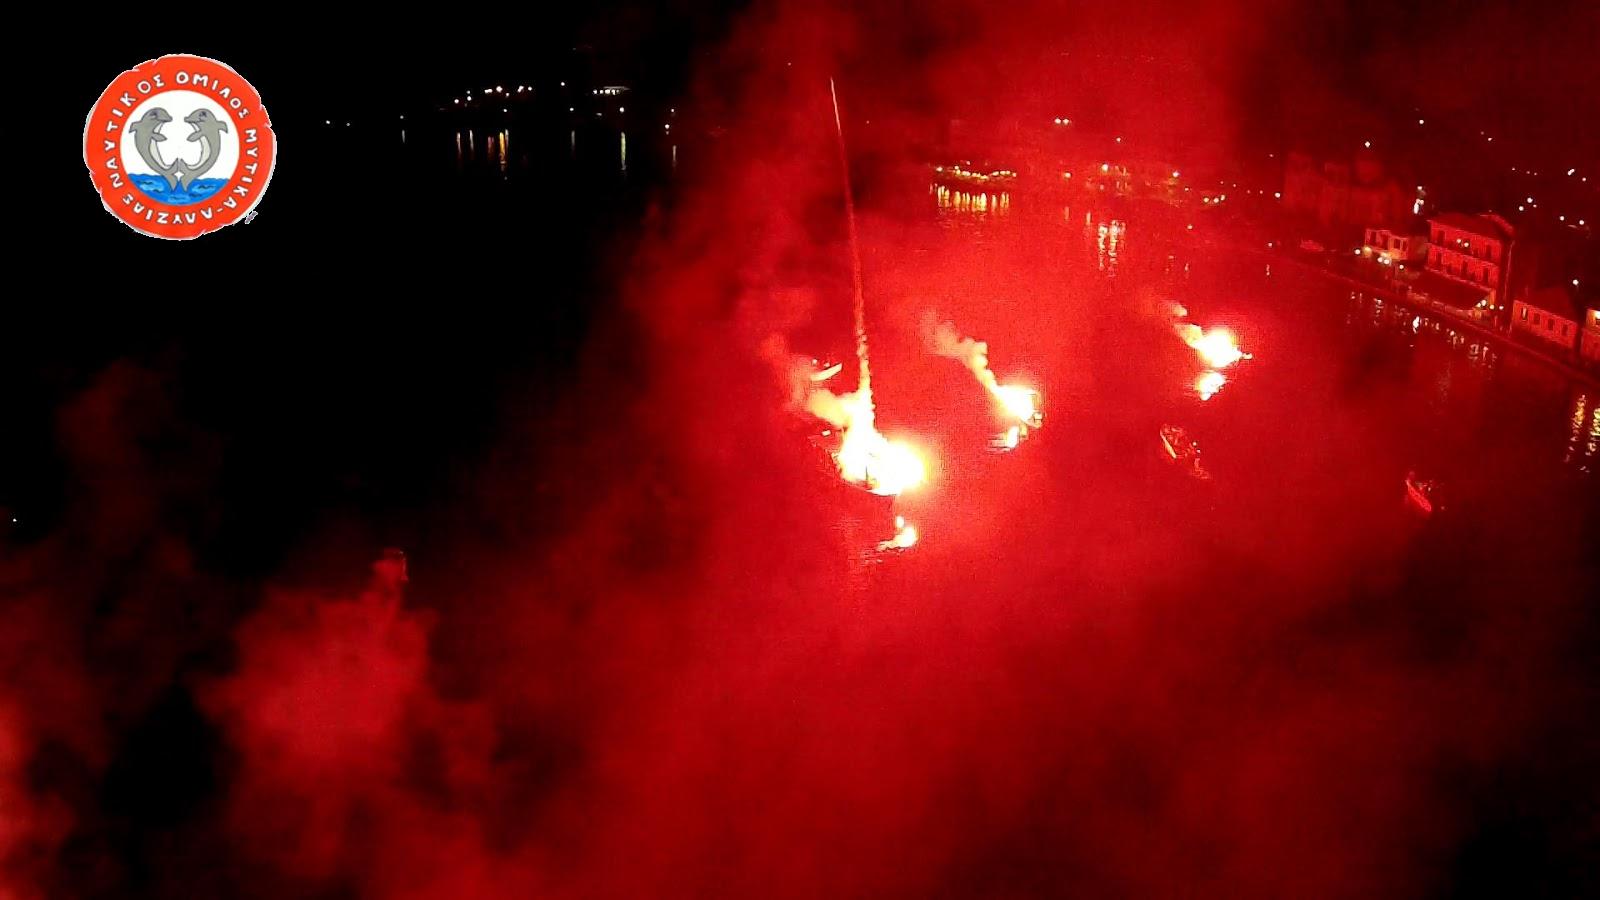 """«Ο ουρανός έγινε κόκκινος""""Η ΕΝΤΥΠΩΣΙΑΚΗ νυκτερινή βαρκάδα στον Μύτικα (βίντεο από drone)."""